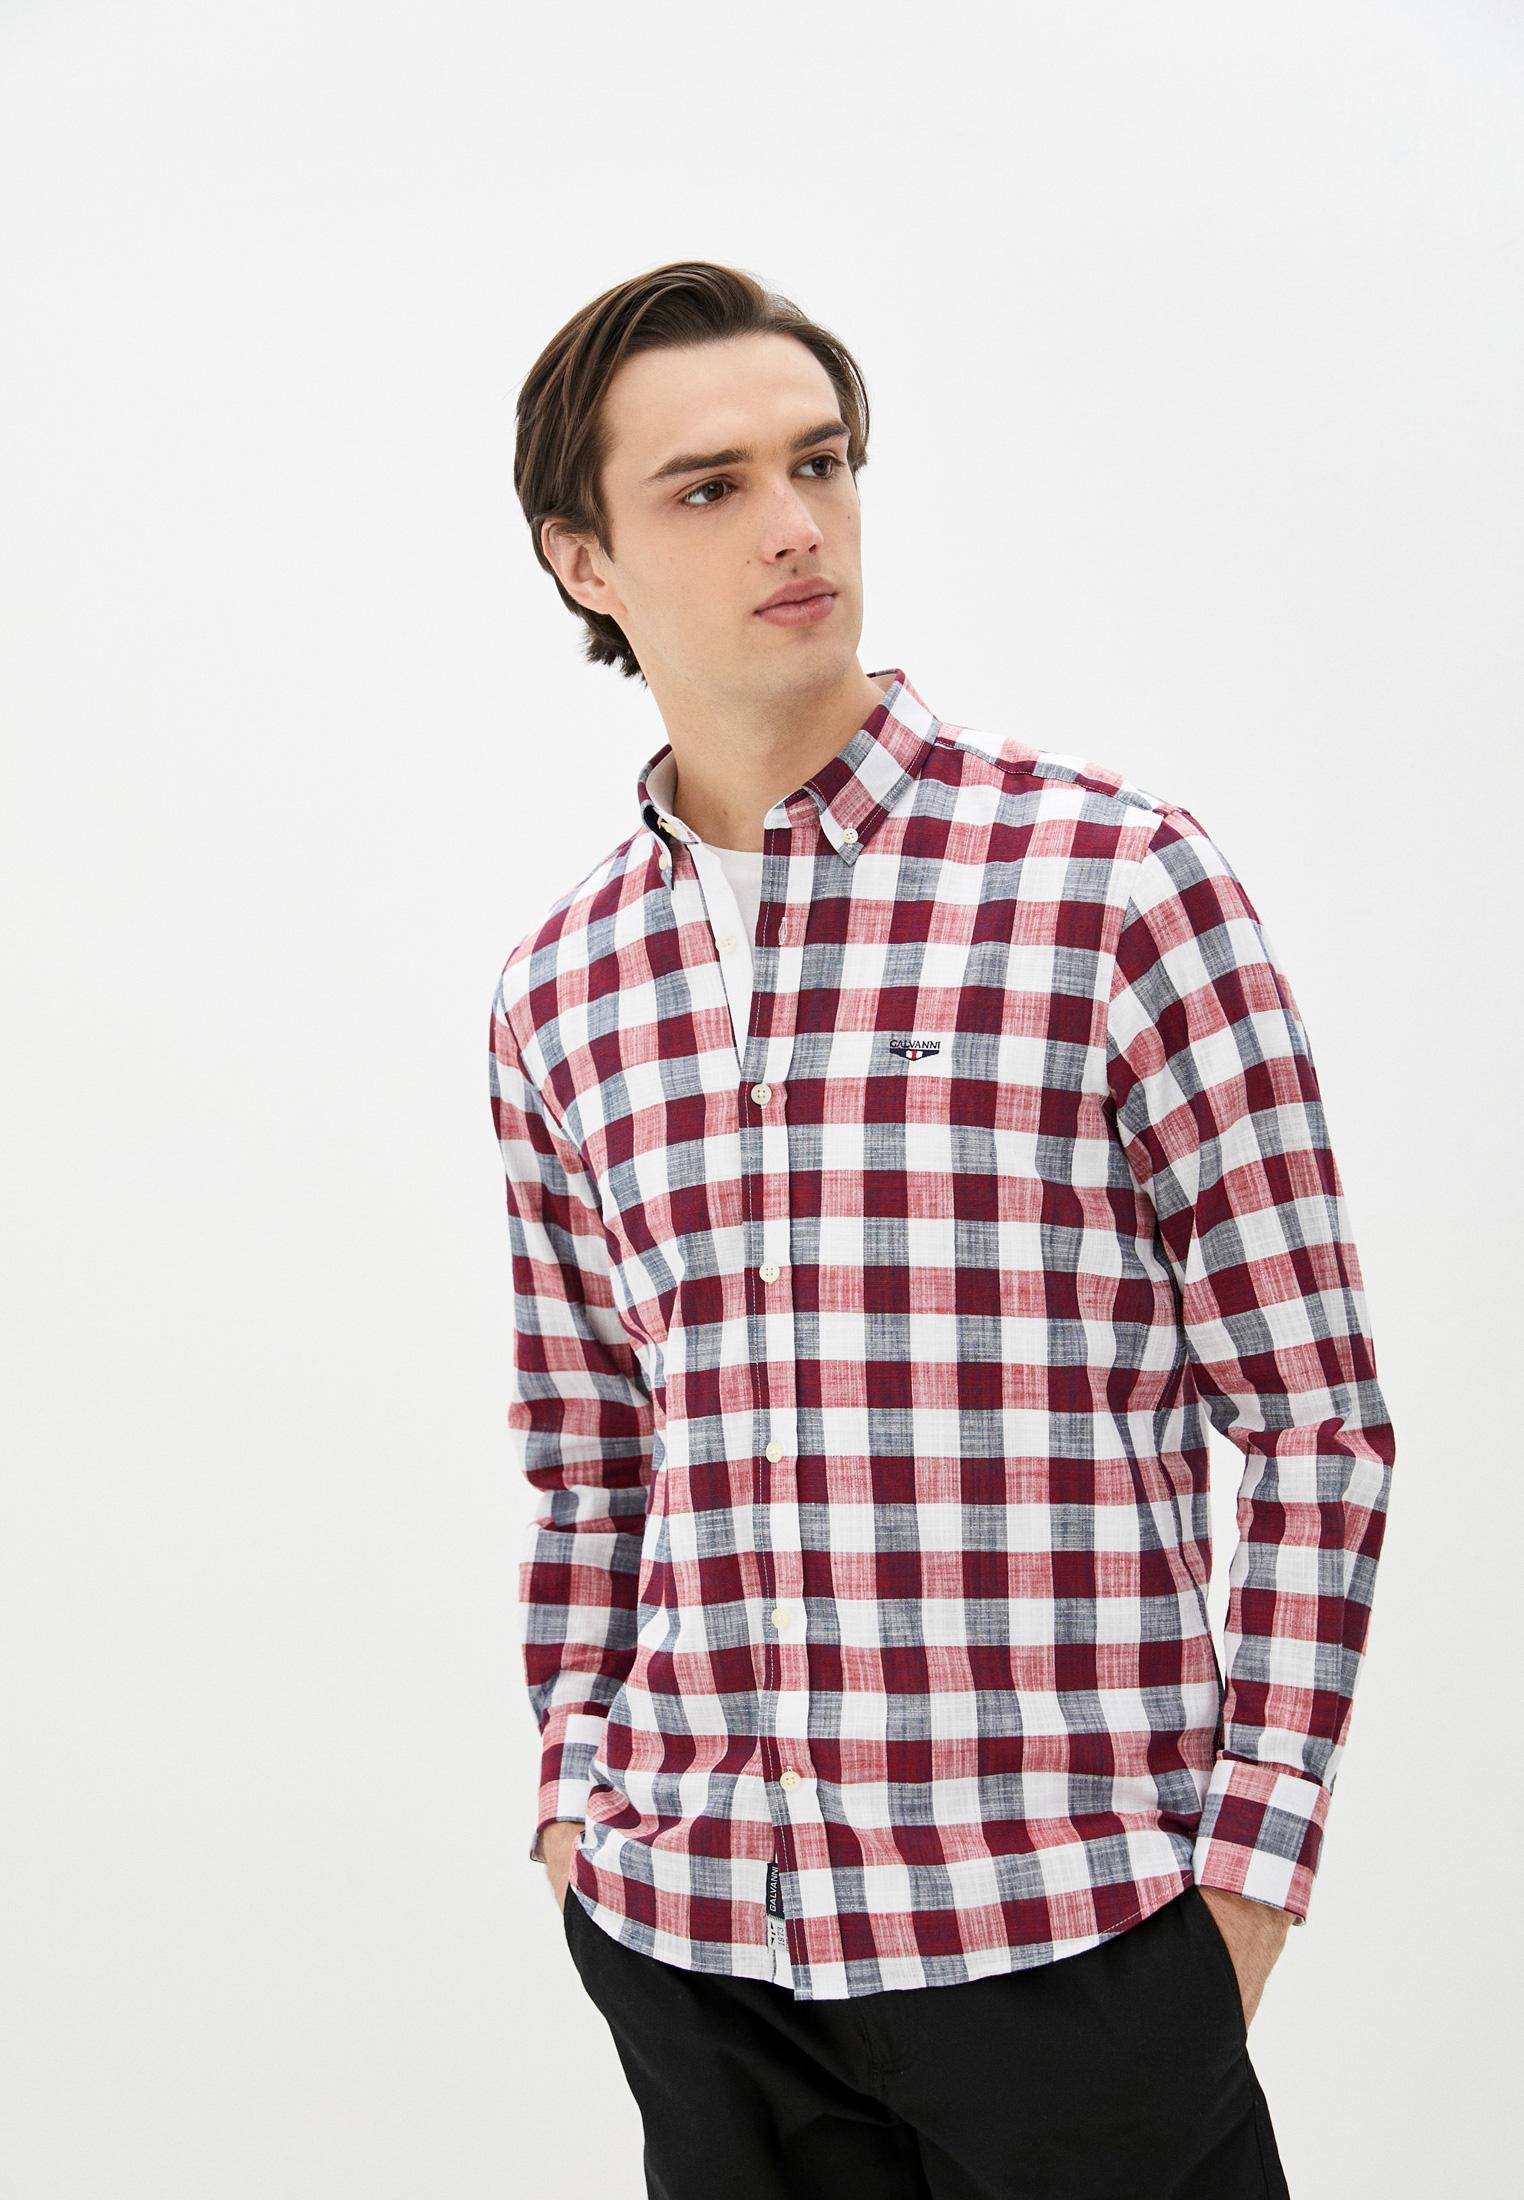 Рубашка с длинным рукавом Galvanni Рубашка Galvanni